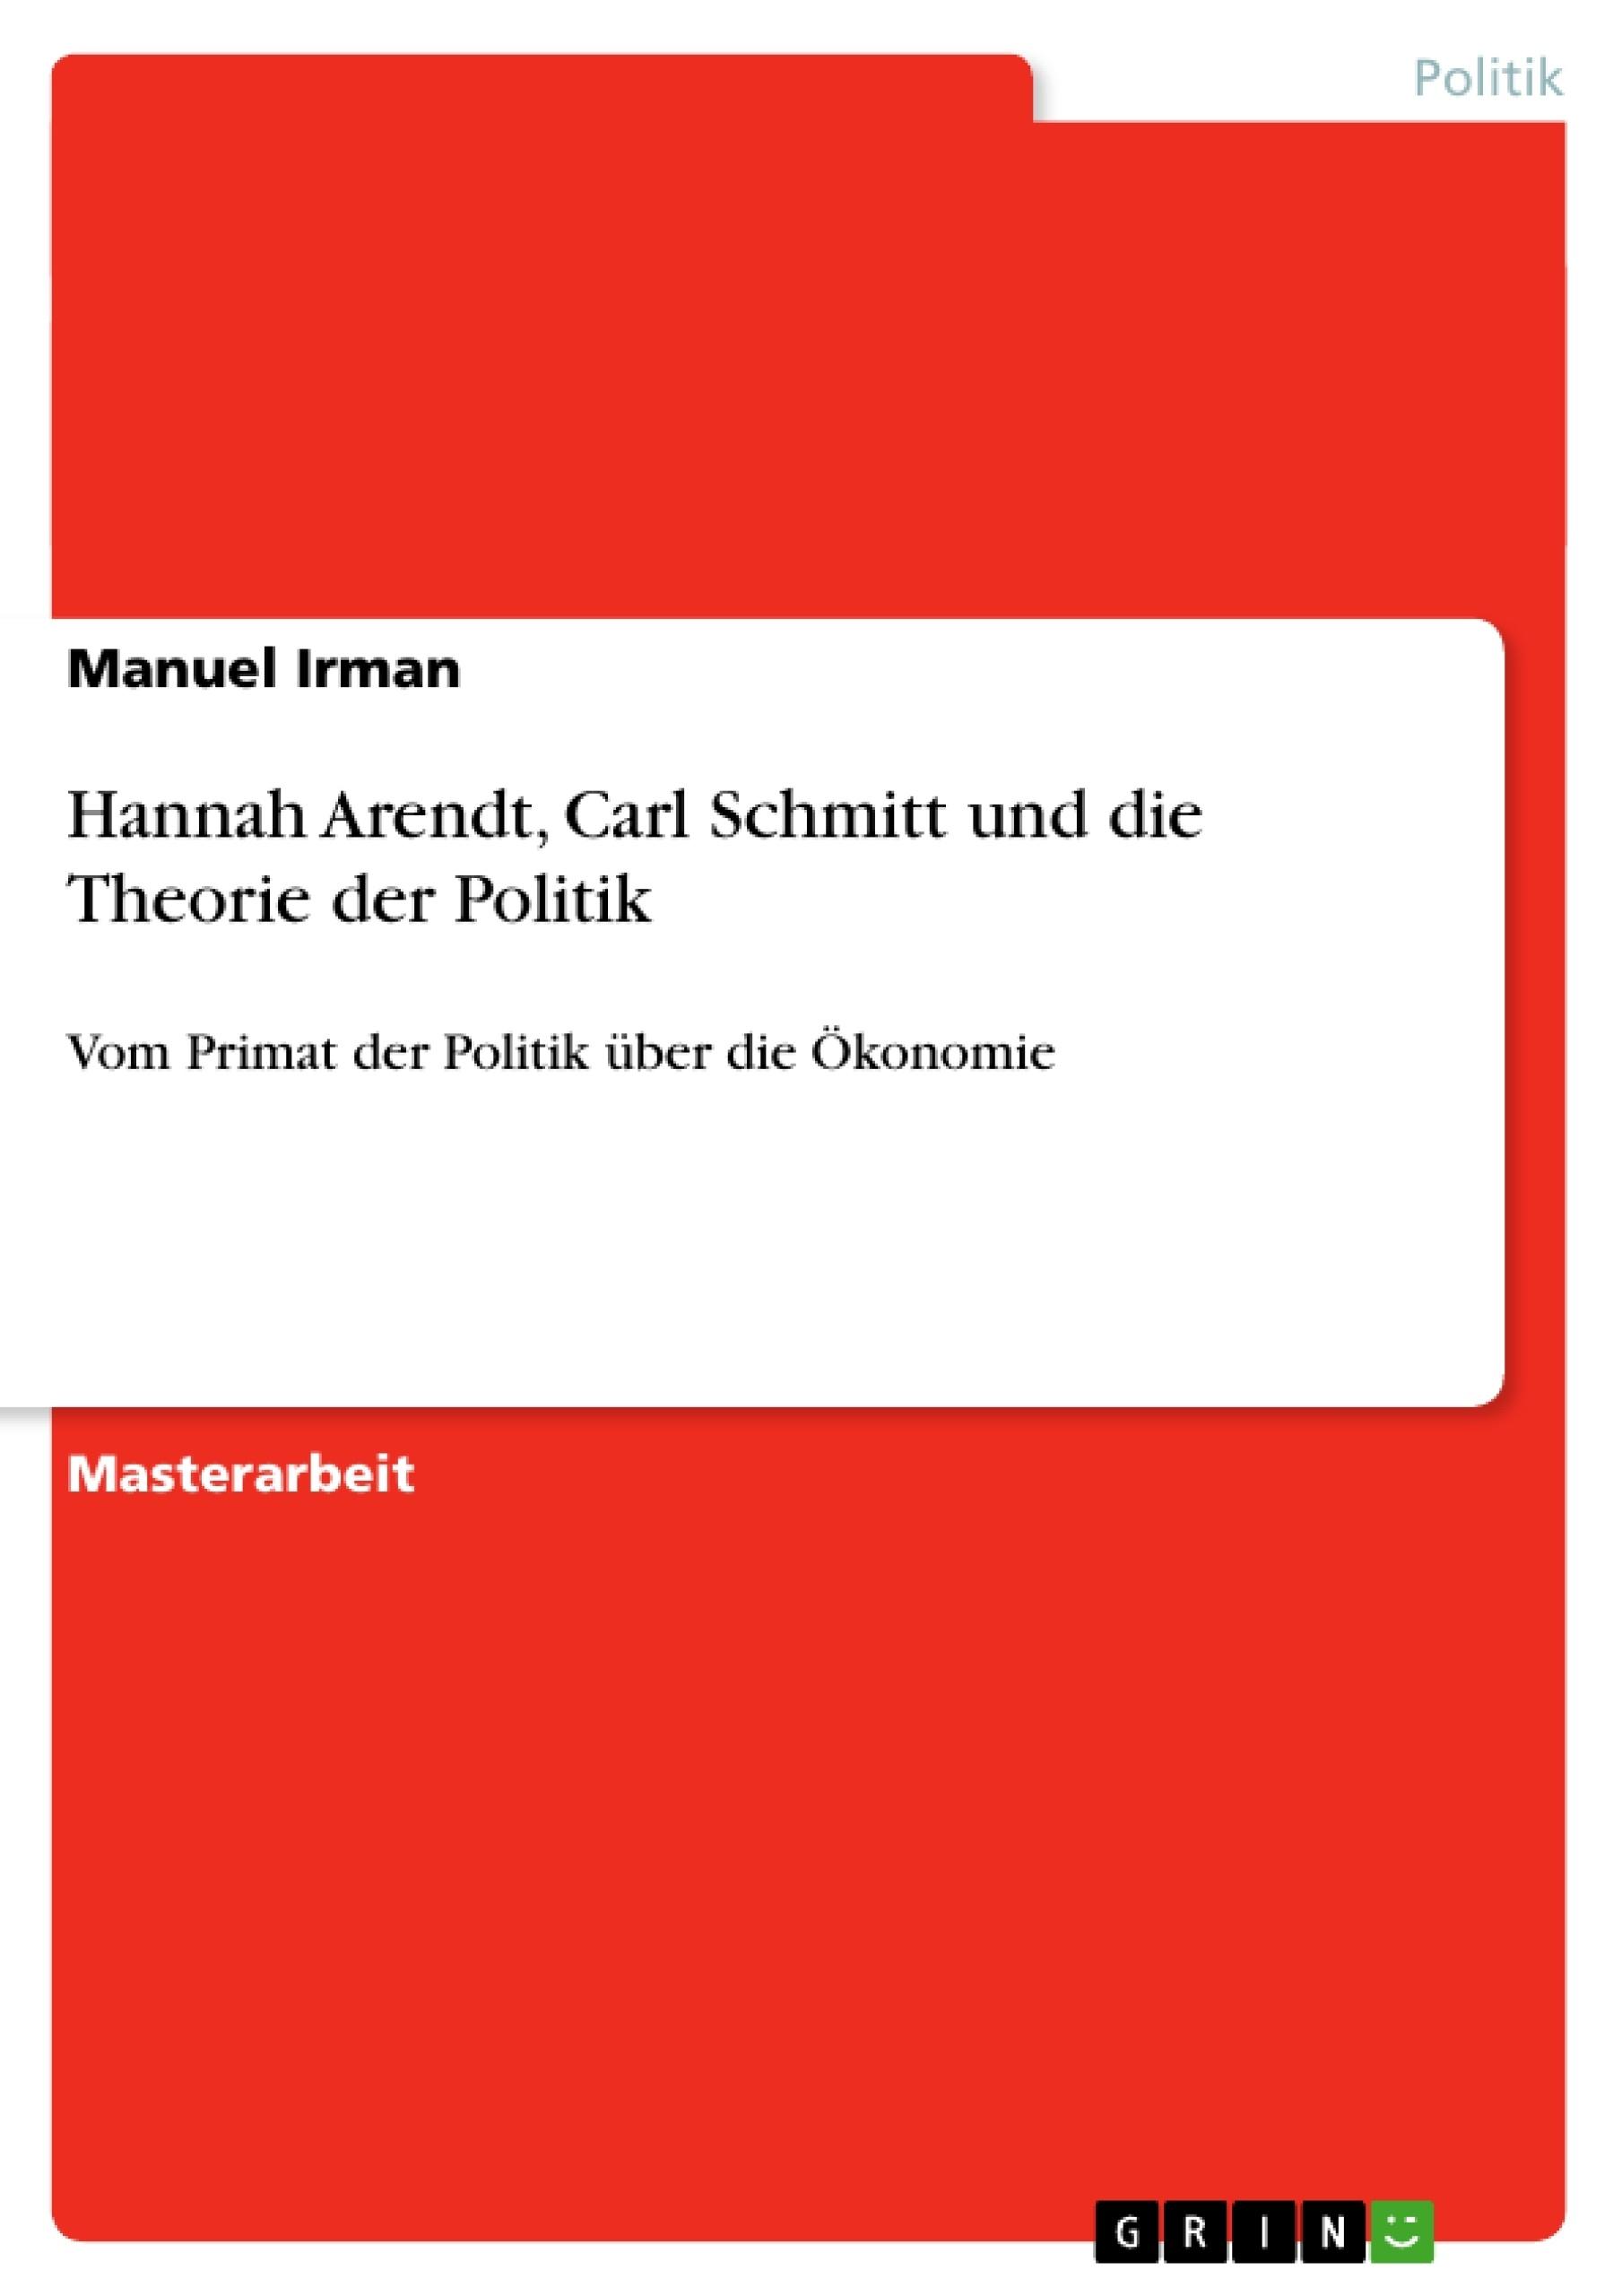 Titel: Hannah Arendt, Carl Schmitt und die Theorie der Politik